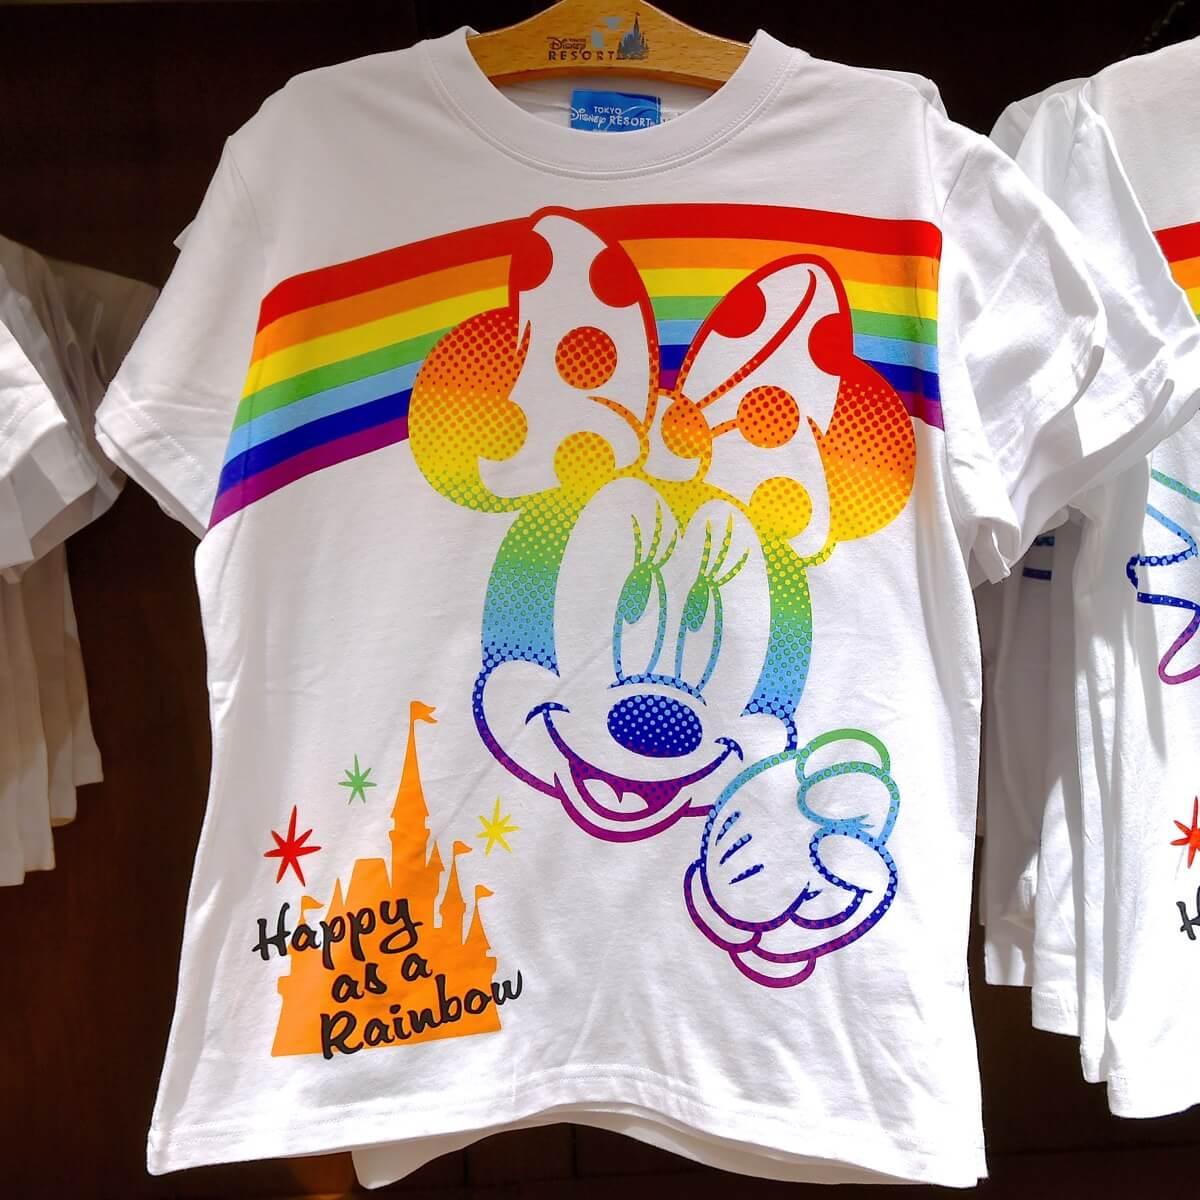 ミニーマウス&レインボーTシャツ